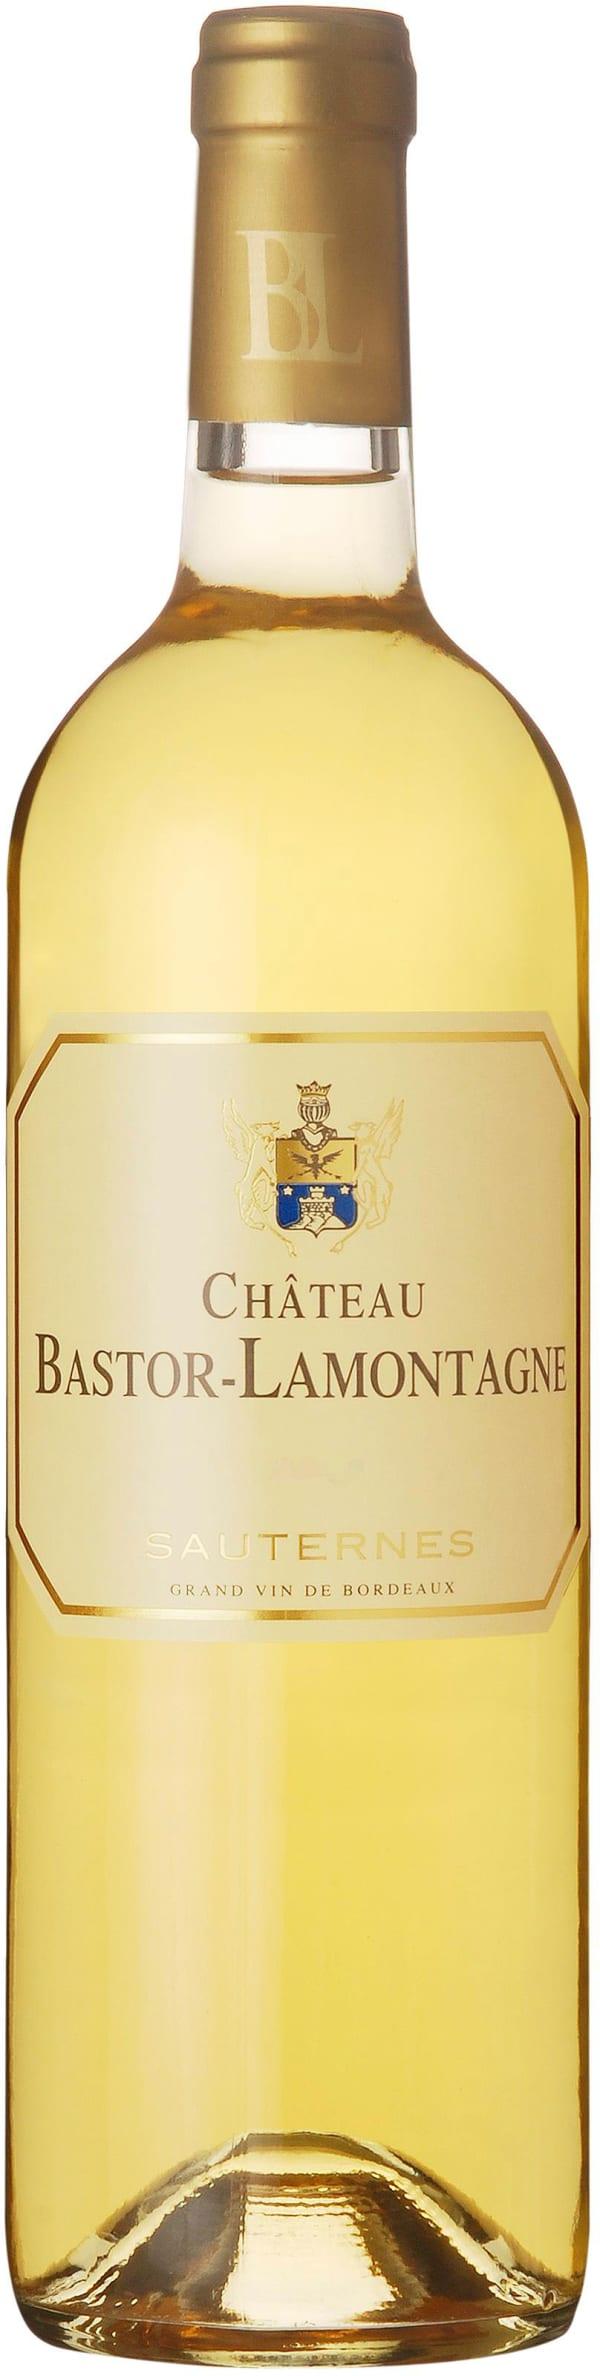 Château Bastor-Lamontagne 2010